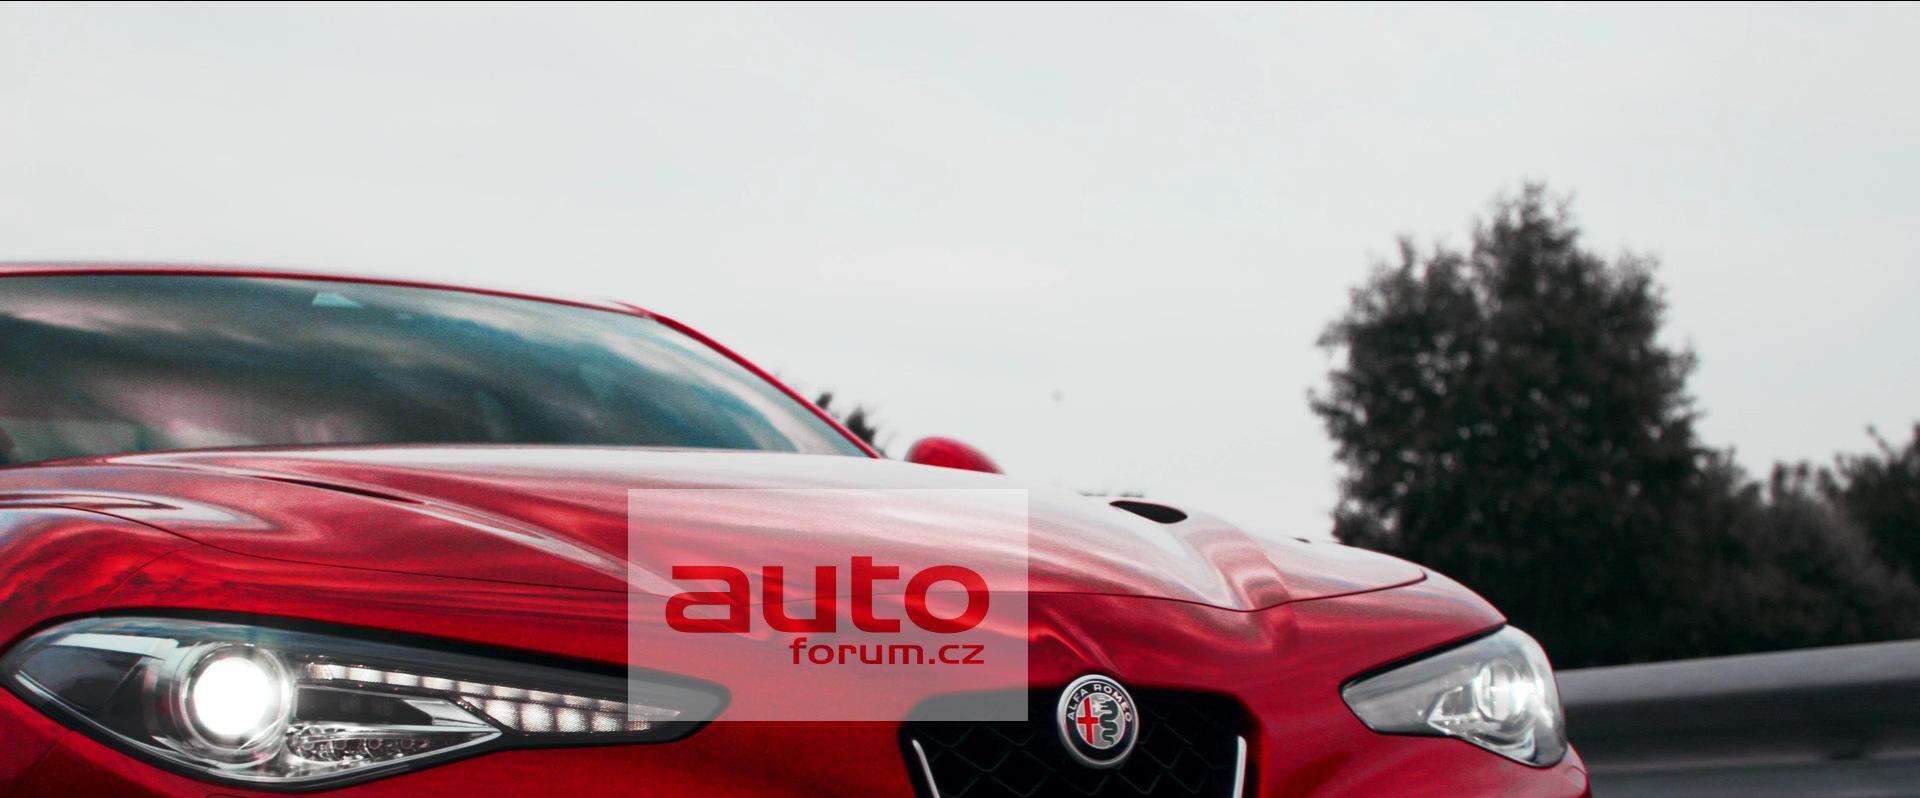 Alfa_Romeo_Giulia_2016_unik_vse_15.jpg